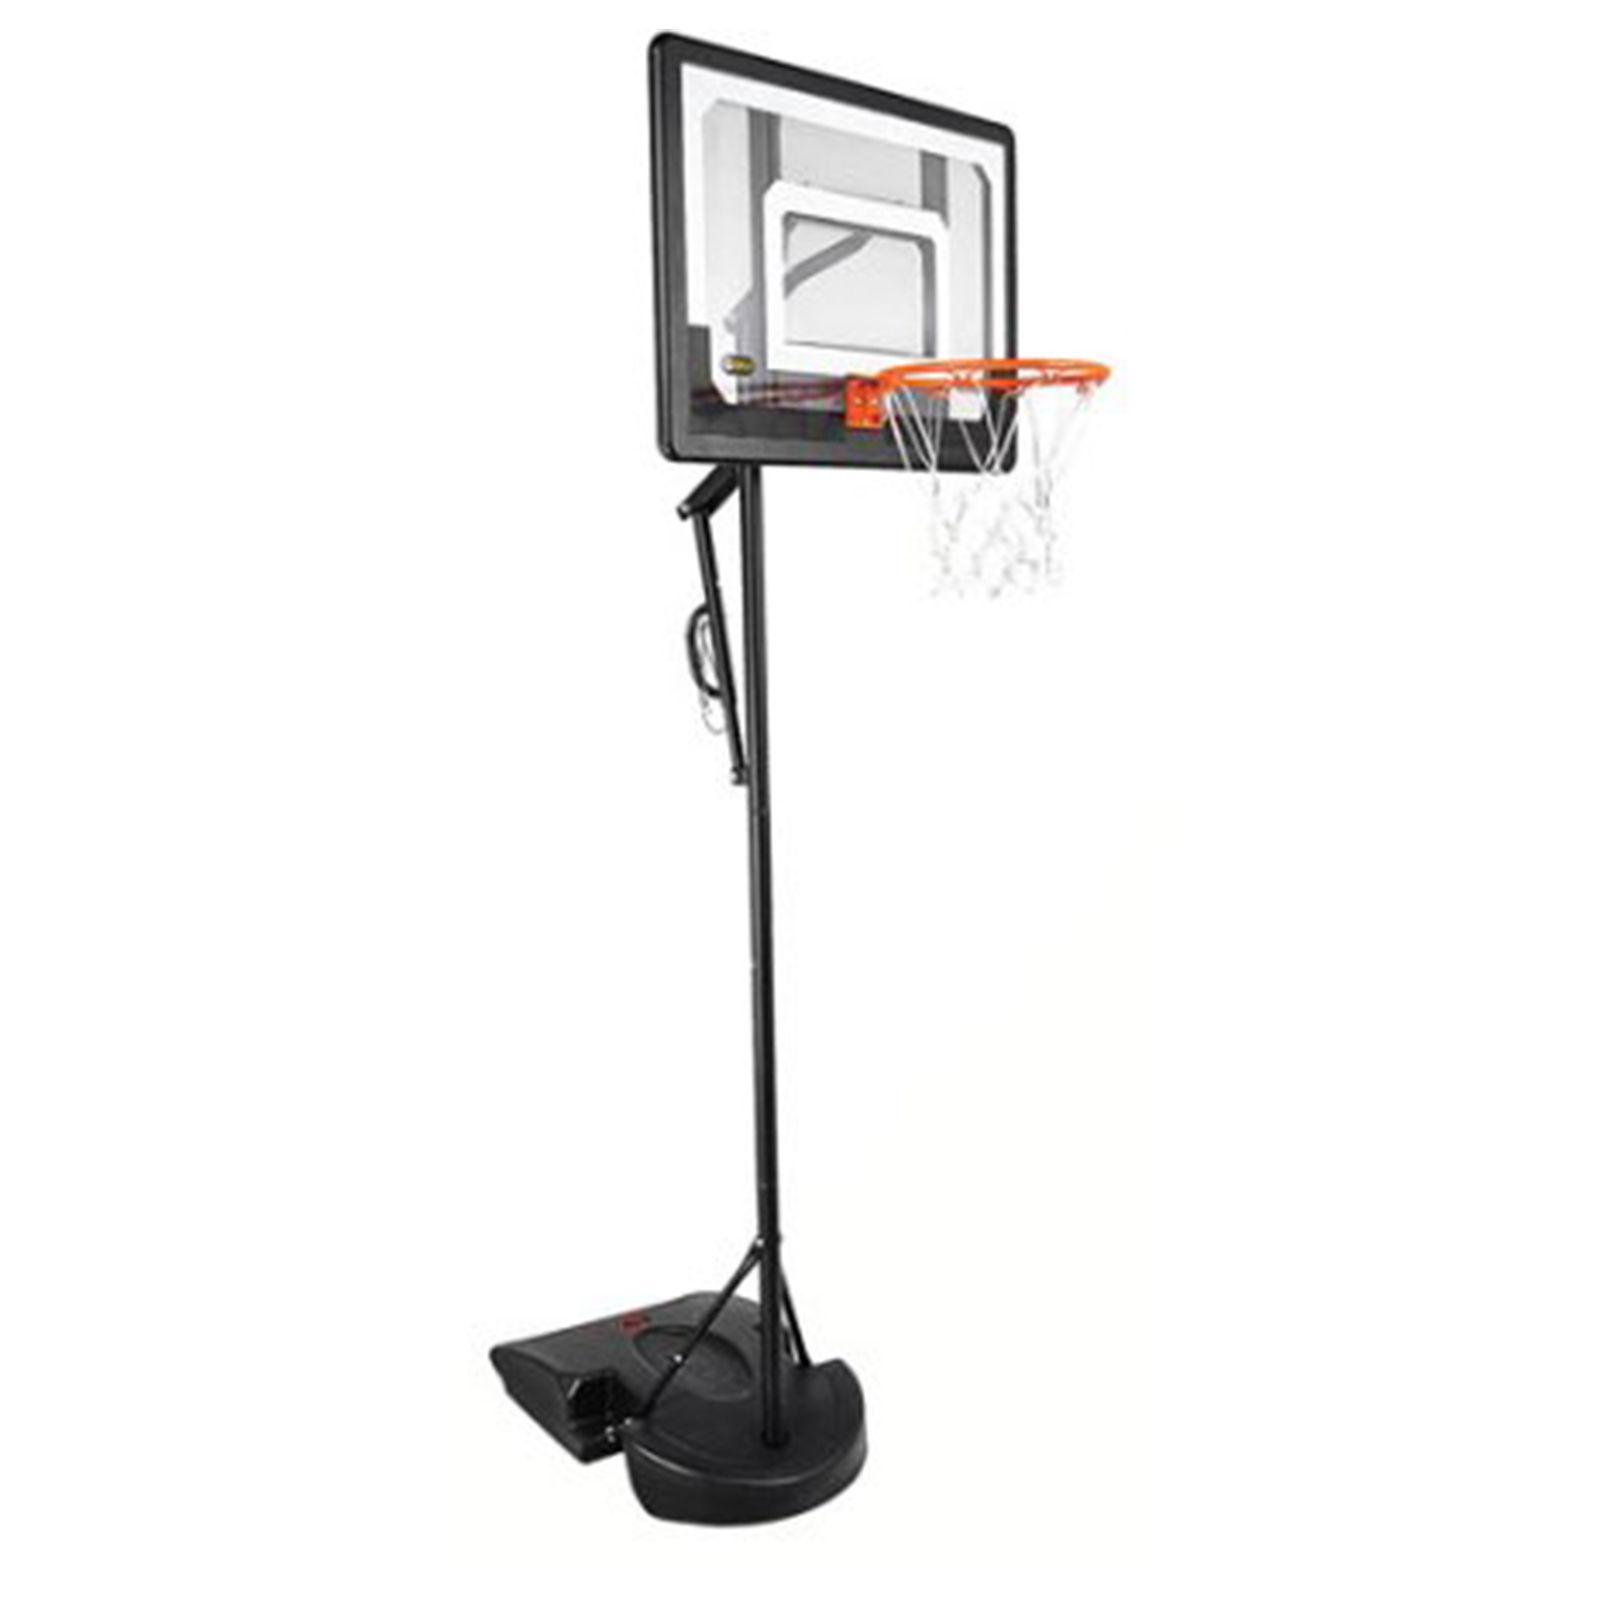 portable basketball system adjustable pro outdoor hoop rim. Black Bedroom Furniture Sets. Home Design Ideas